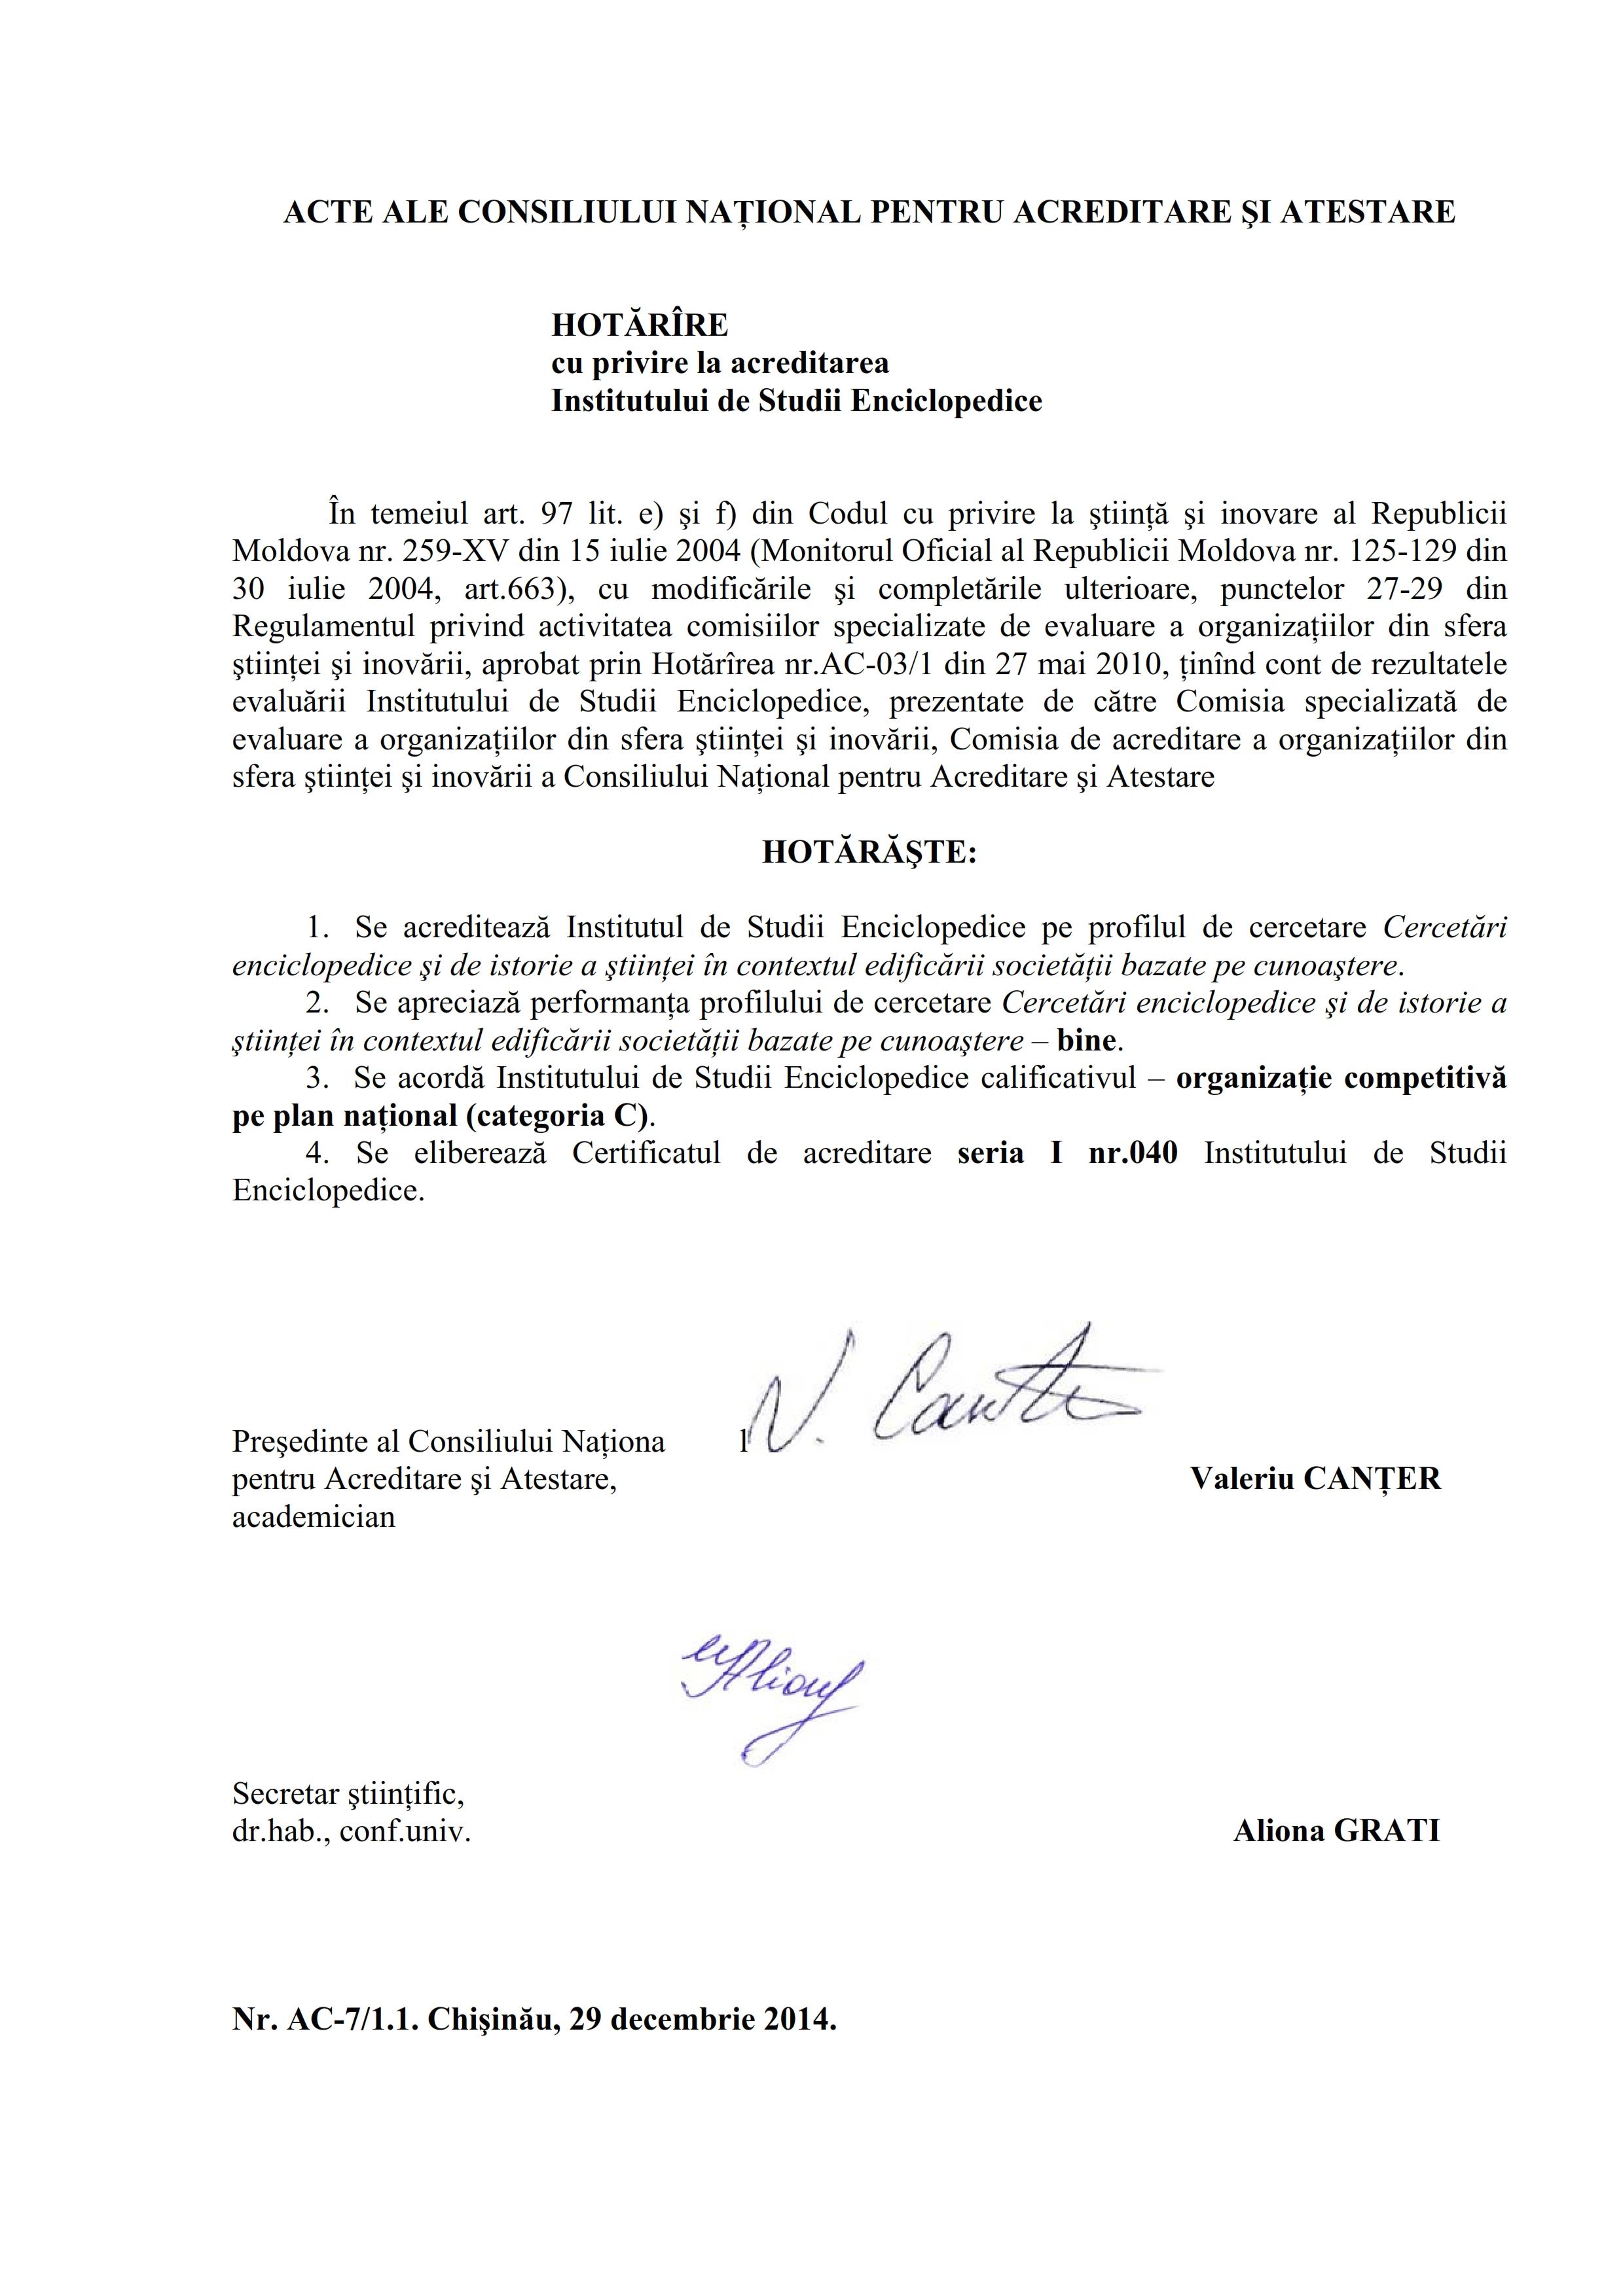 hotarirea_7-1_1_-29.12.2014_001